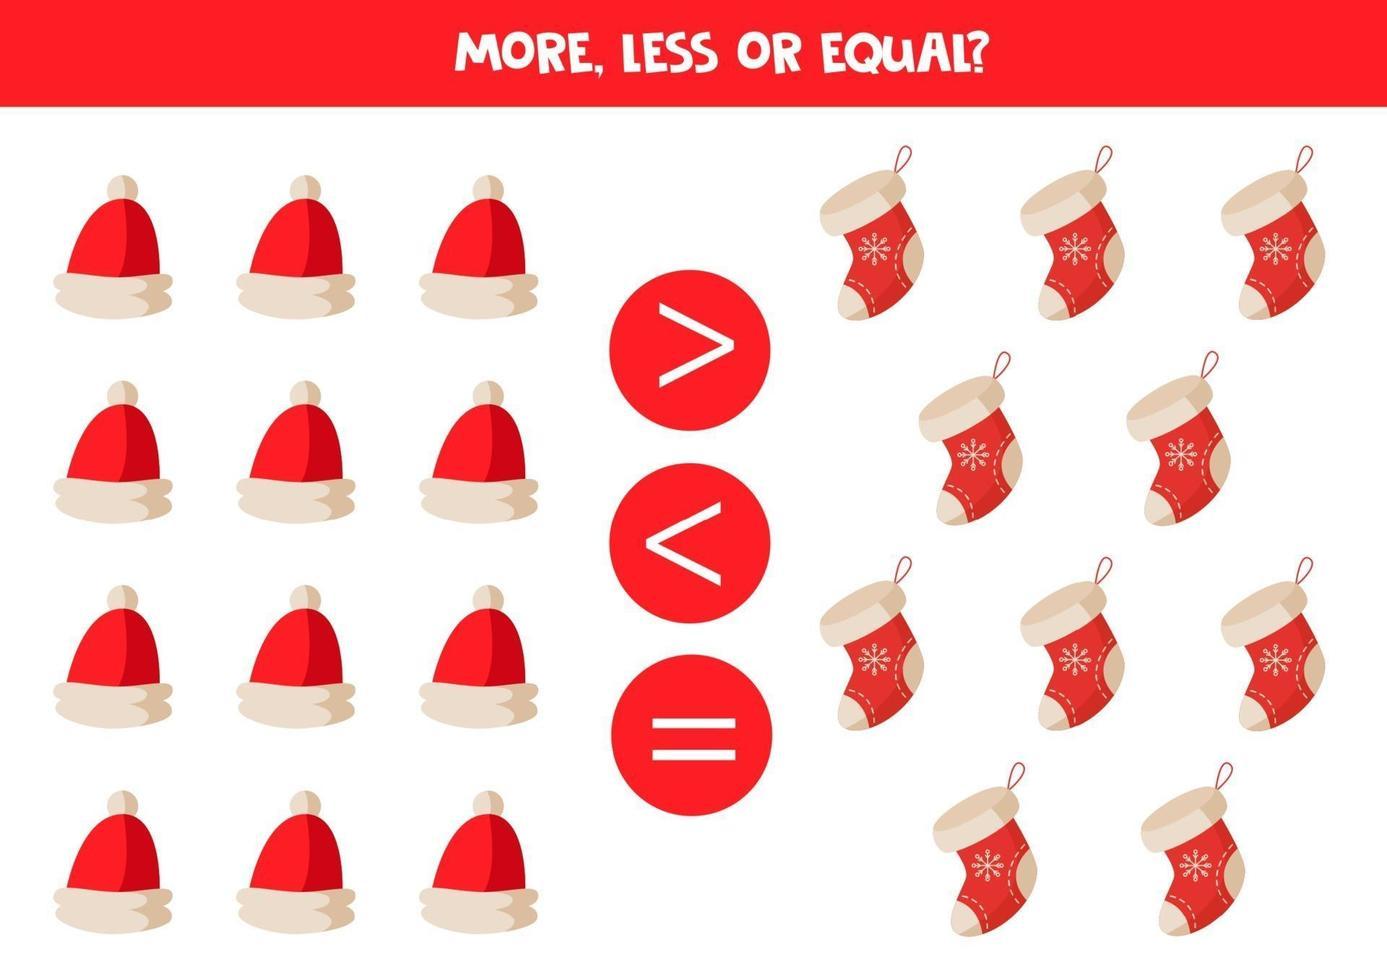 jämförelse av föremål för barn. mer, mindre med tecknade julkepsar och strumpor. vektor